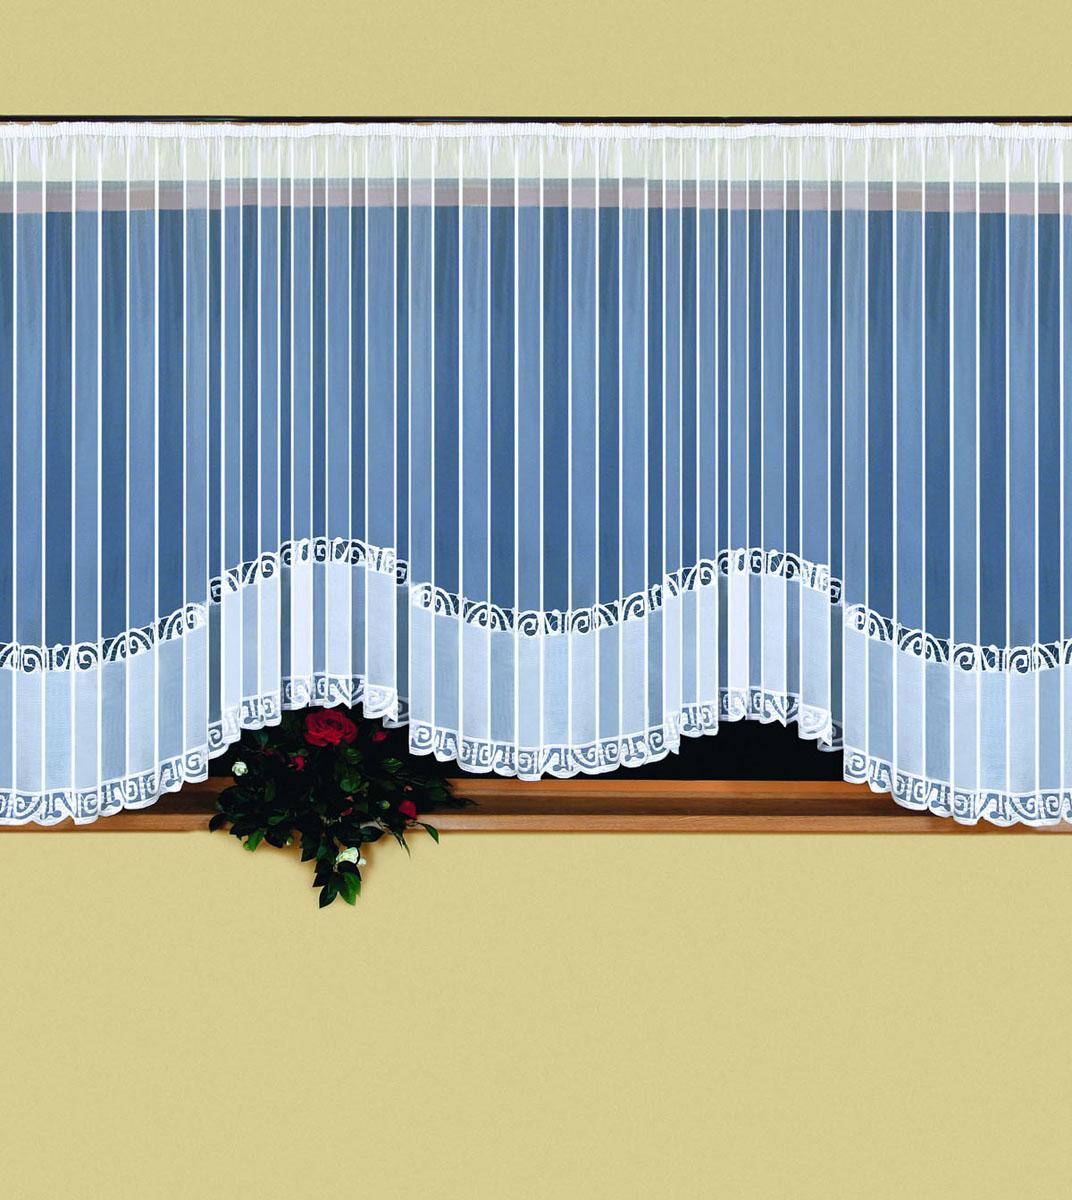 Гардина Weranika, на ленте, цвет: белый, 600 см х 150 смK100Воздушная гардина Weranika, изготовленная из полиэстера белого цвета, станет великолепным украшением любого окна. Тонкое плетение, оригинальный дизайн и приятная цветовая гамма привлекут к себе внимание и органично впишутся в интерьер комнаты. В гардину вшита шторная лента. Фирма Wisan на польском рынке существует уже более пятидесяти лет и является одной из лучших польских фабрик по производству штор и тканей. Ассортимент фирмы представлен готовыми комплектами штор для гостиной, детской, кухни, а также текстилем для кухни (скатерти, салфетки, дорожки, кухонные занавески). Модельный ряд отличает оригинальный дизайн, высокое качество.Ассортимент продукции постоянно пополняется. Характеристики:Материал: 100% полиэстер. Цвет: белый. Размер упаковки:32 см х 5 см х 25 см. Артикул: 524839.В комплект входит:Гардина - 1 шт. Размер (ШхВ): 600 см х 150 см.